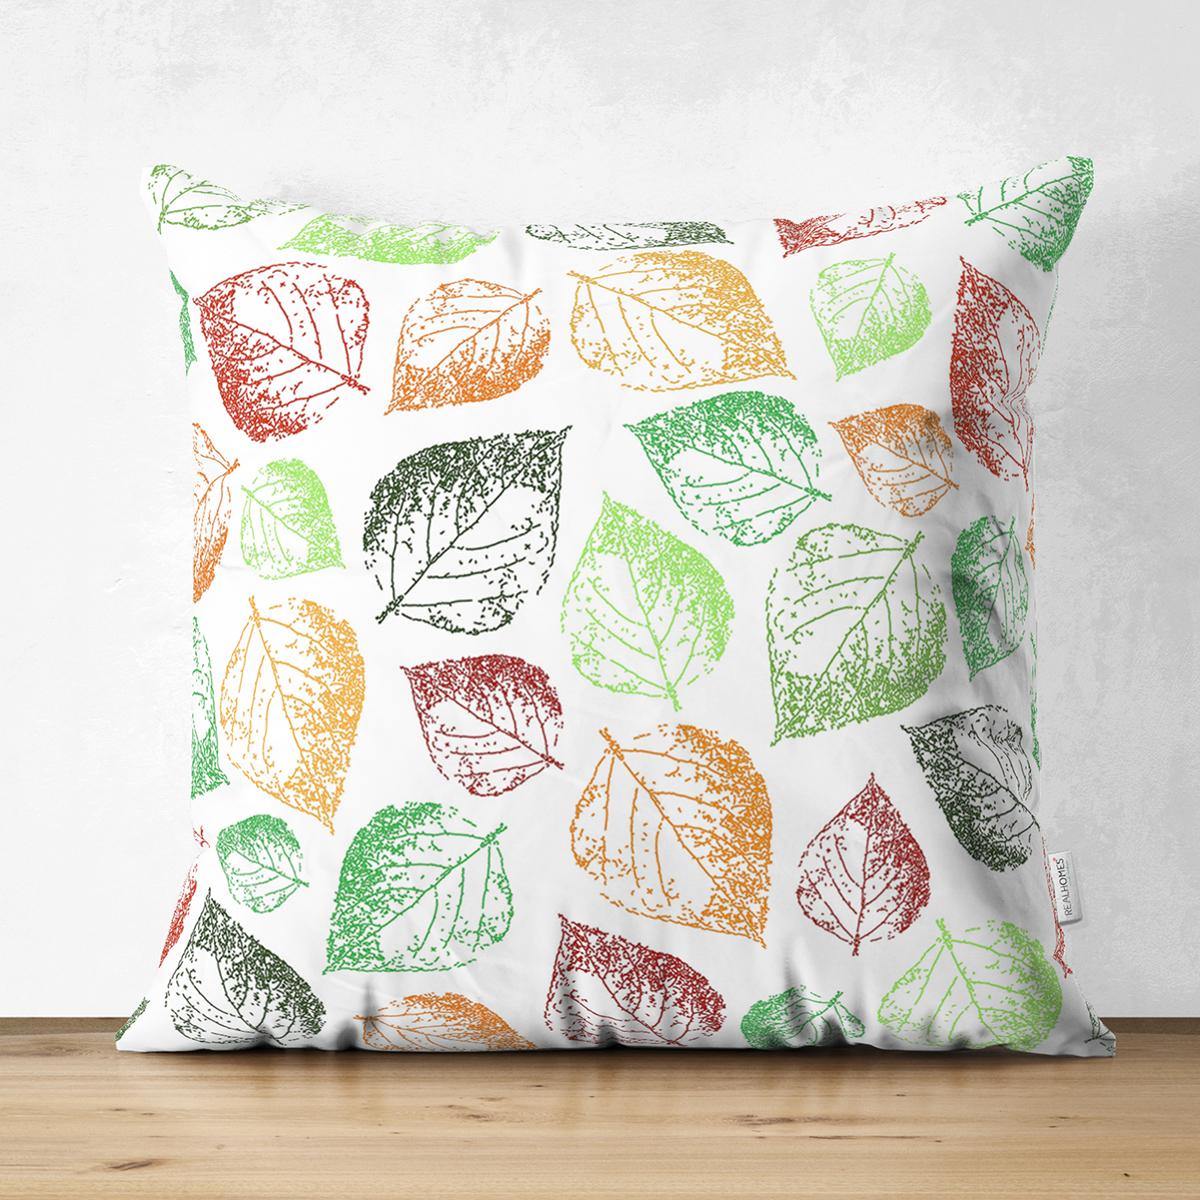 Çift Taraflı Beyaz Zemin Üzerinde Renkli Sonbahar Yaprak Desenli Süet Yastık Kırlent Kılıfı Realhomes